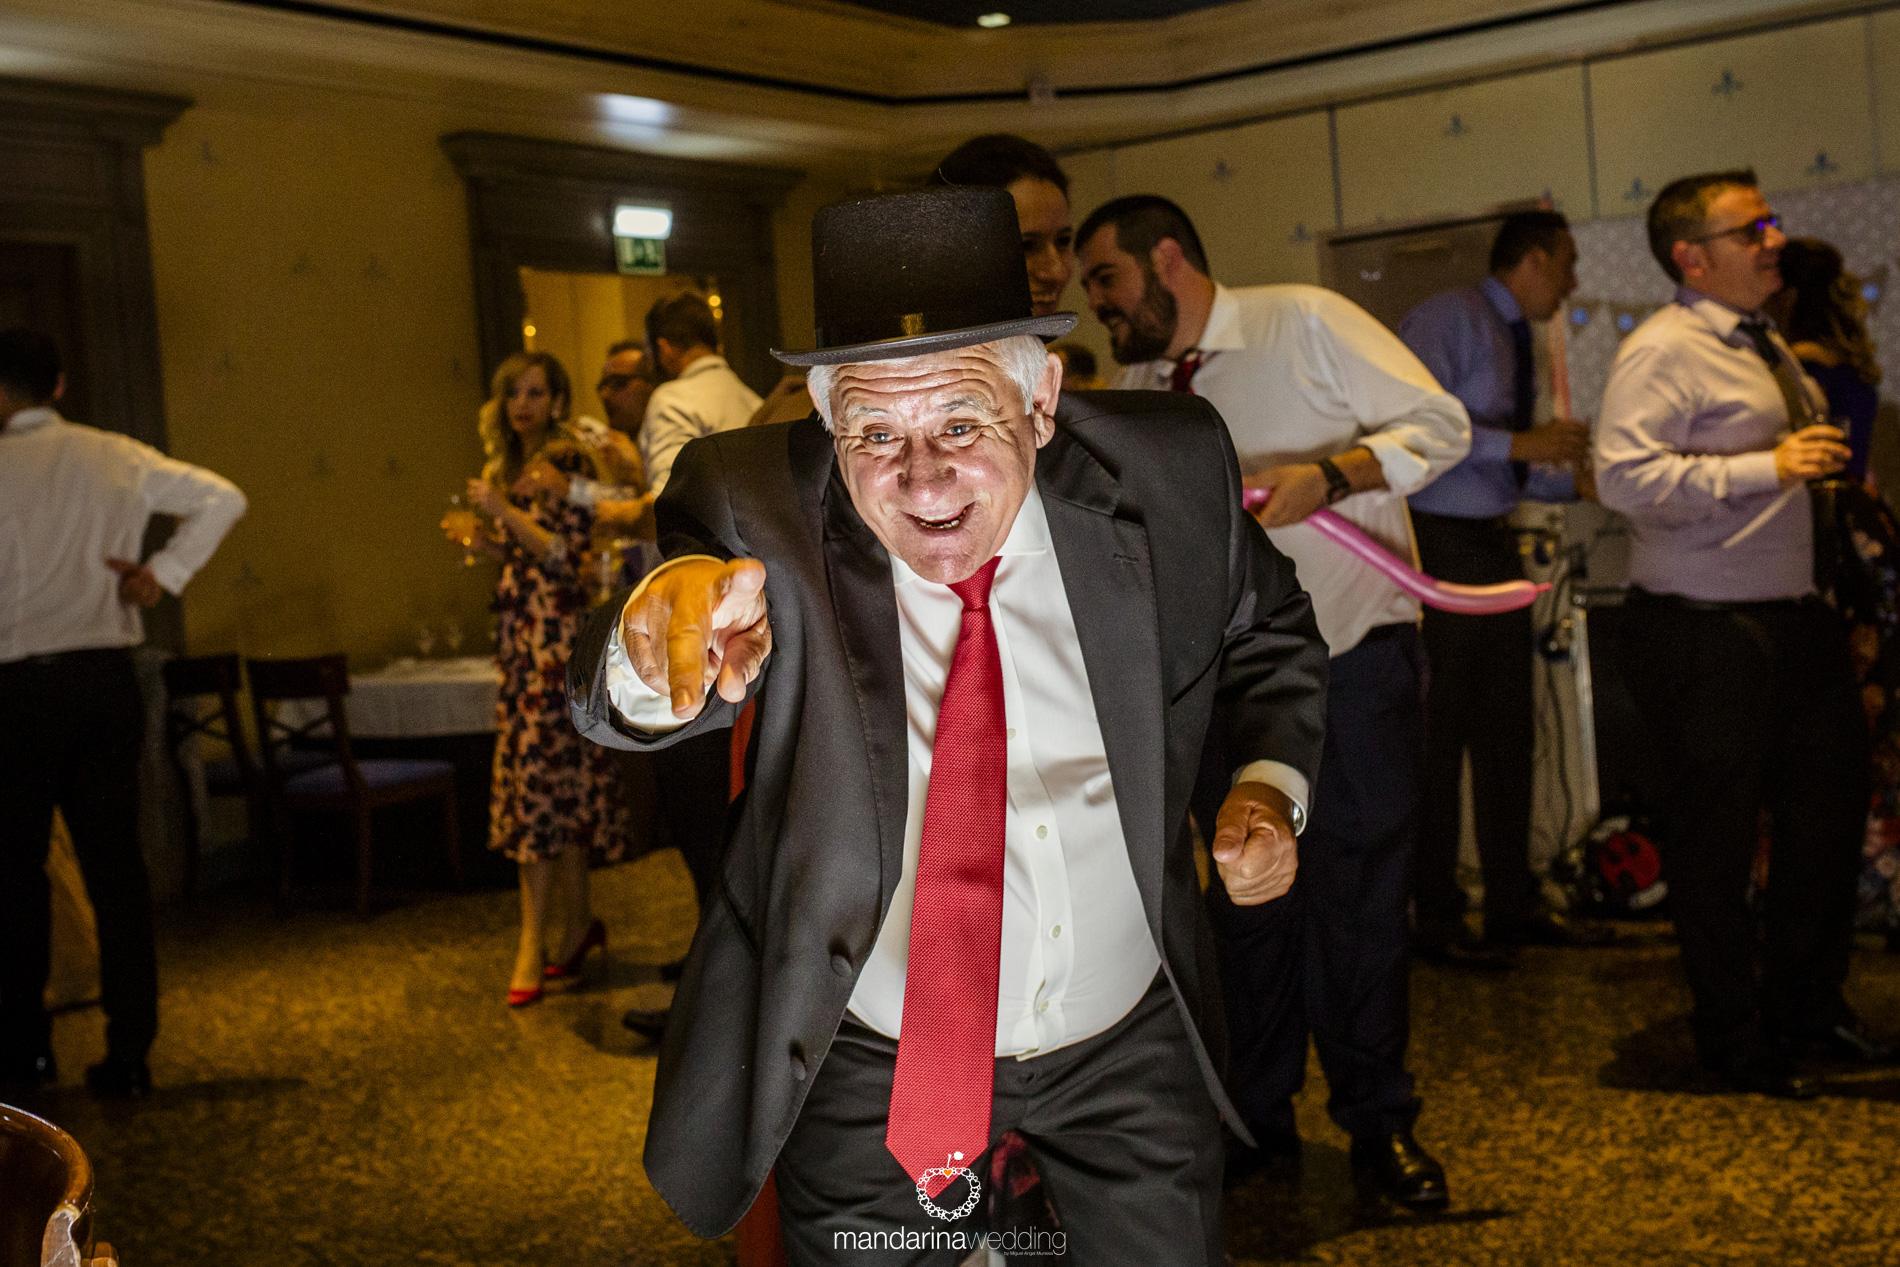 mandarina wedding, fotografo de boda, fotografo boda soria, fotografo boda barcelona, fotografo boda Madrid, fotografo boda lerida, fotografo boda Huesca, fotografo de destino_022